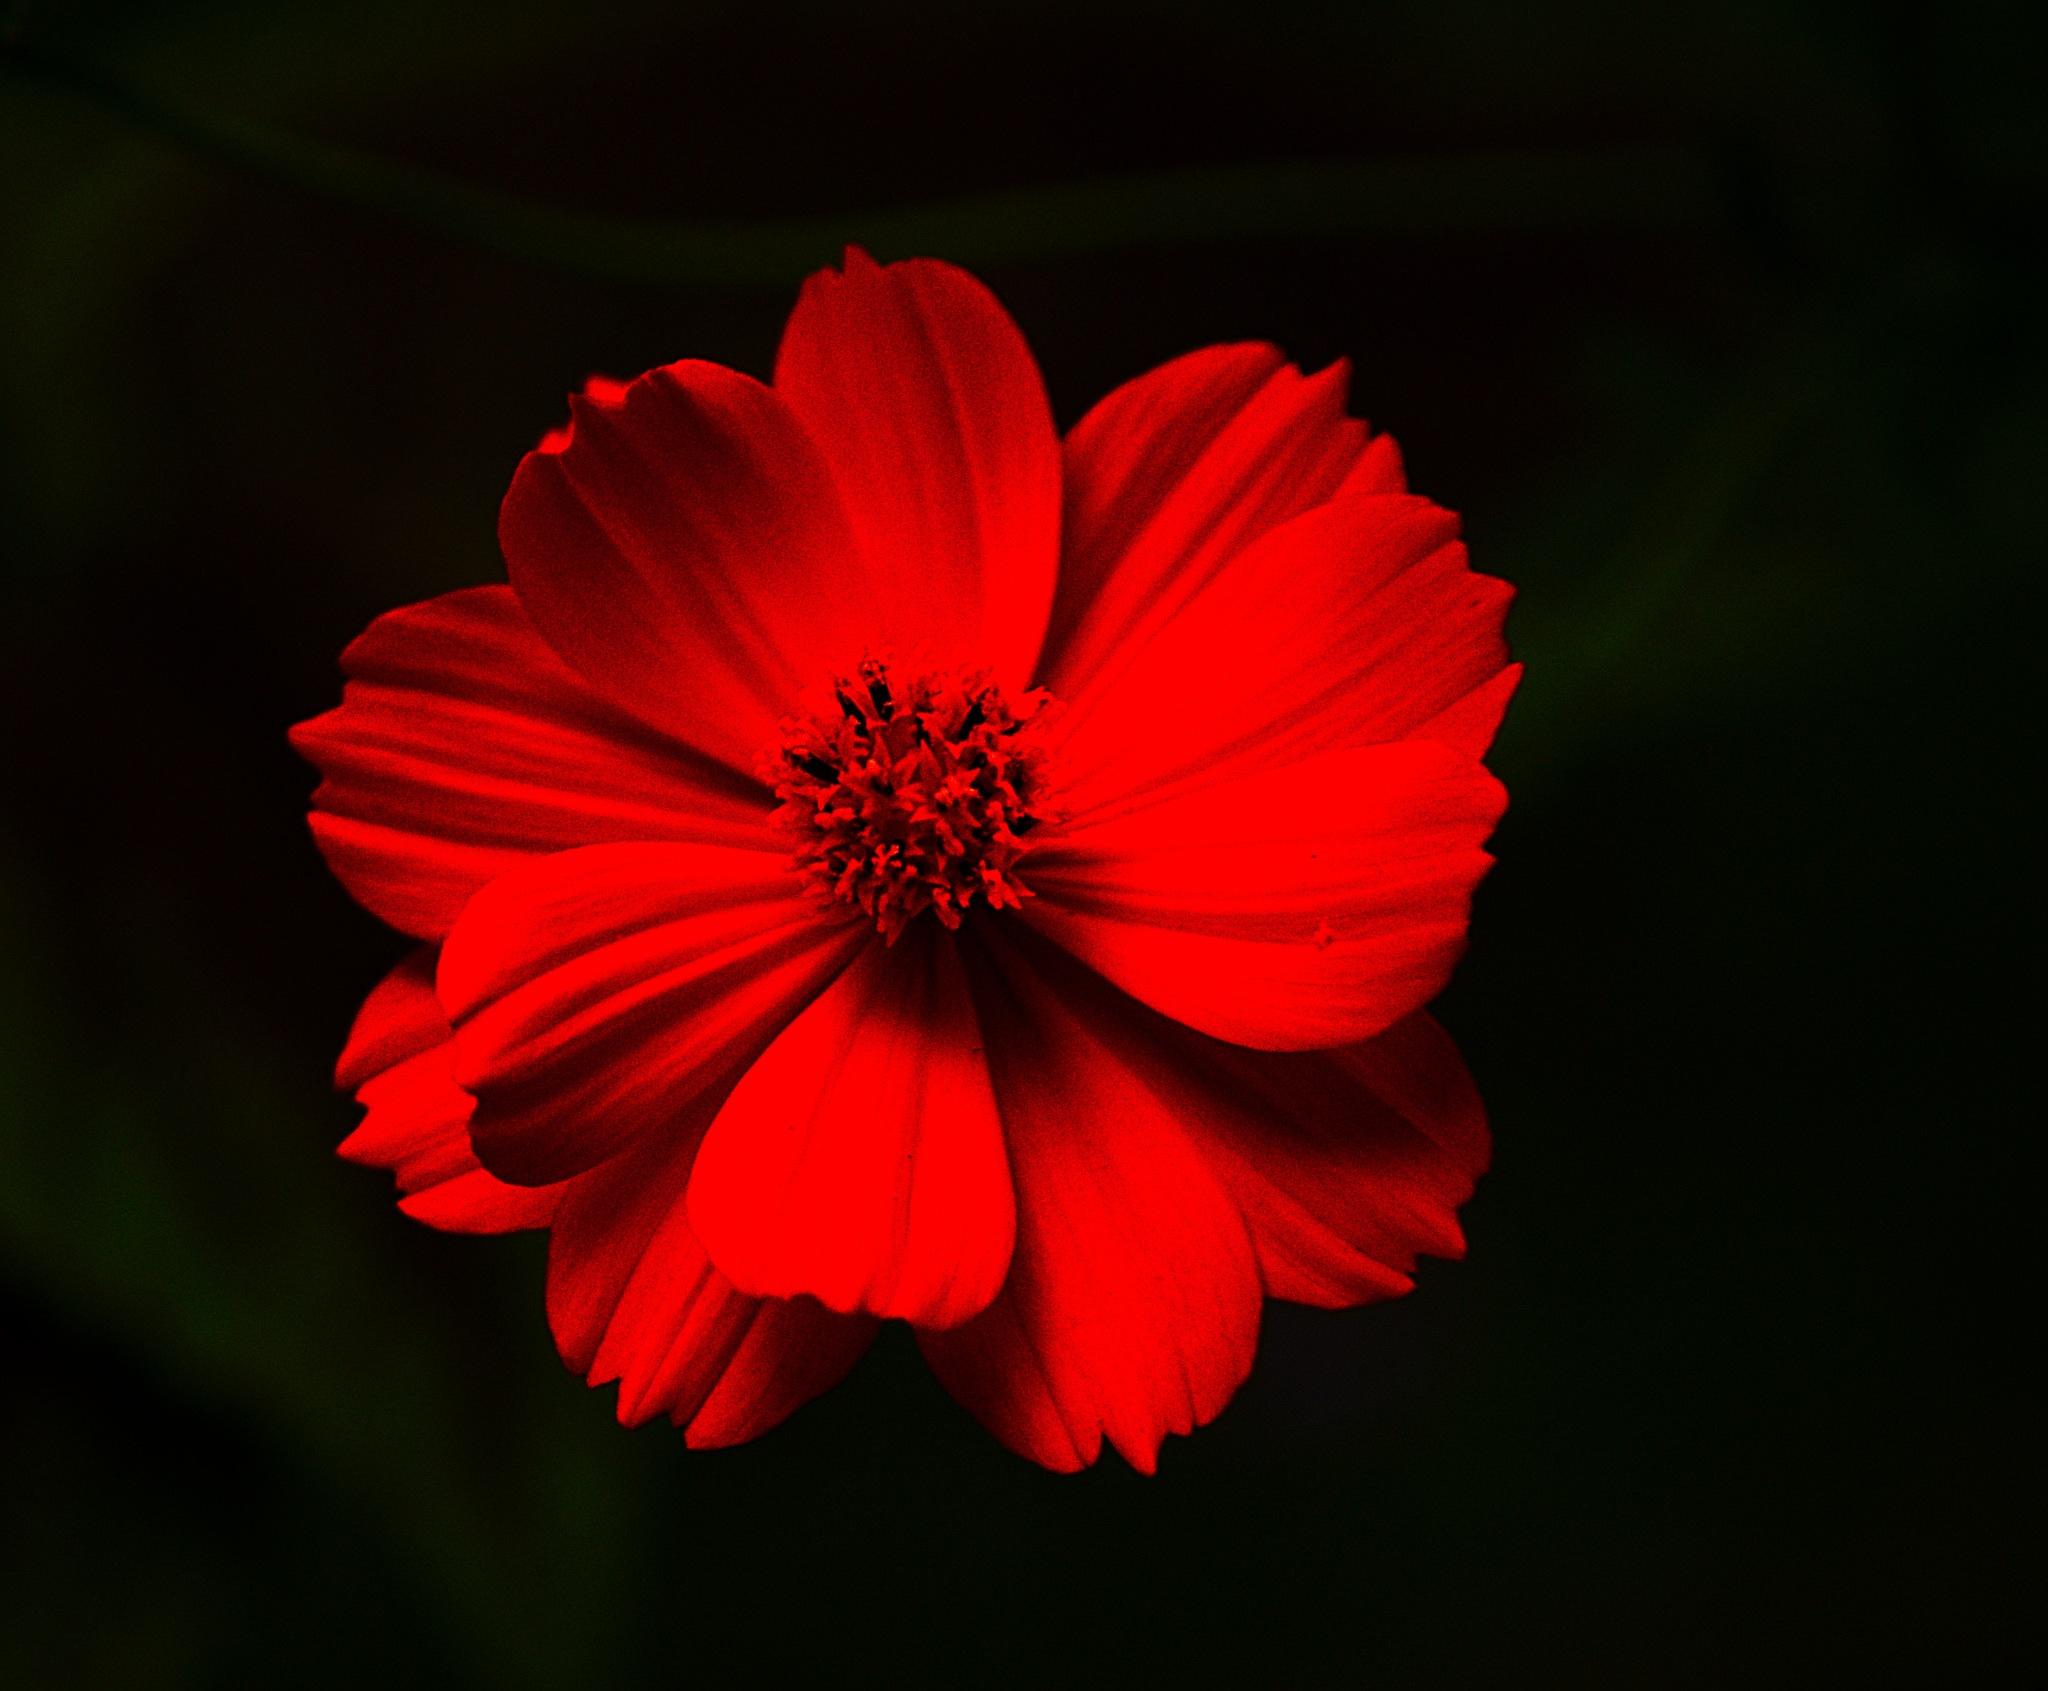 flower1c by david8900